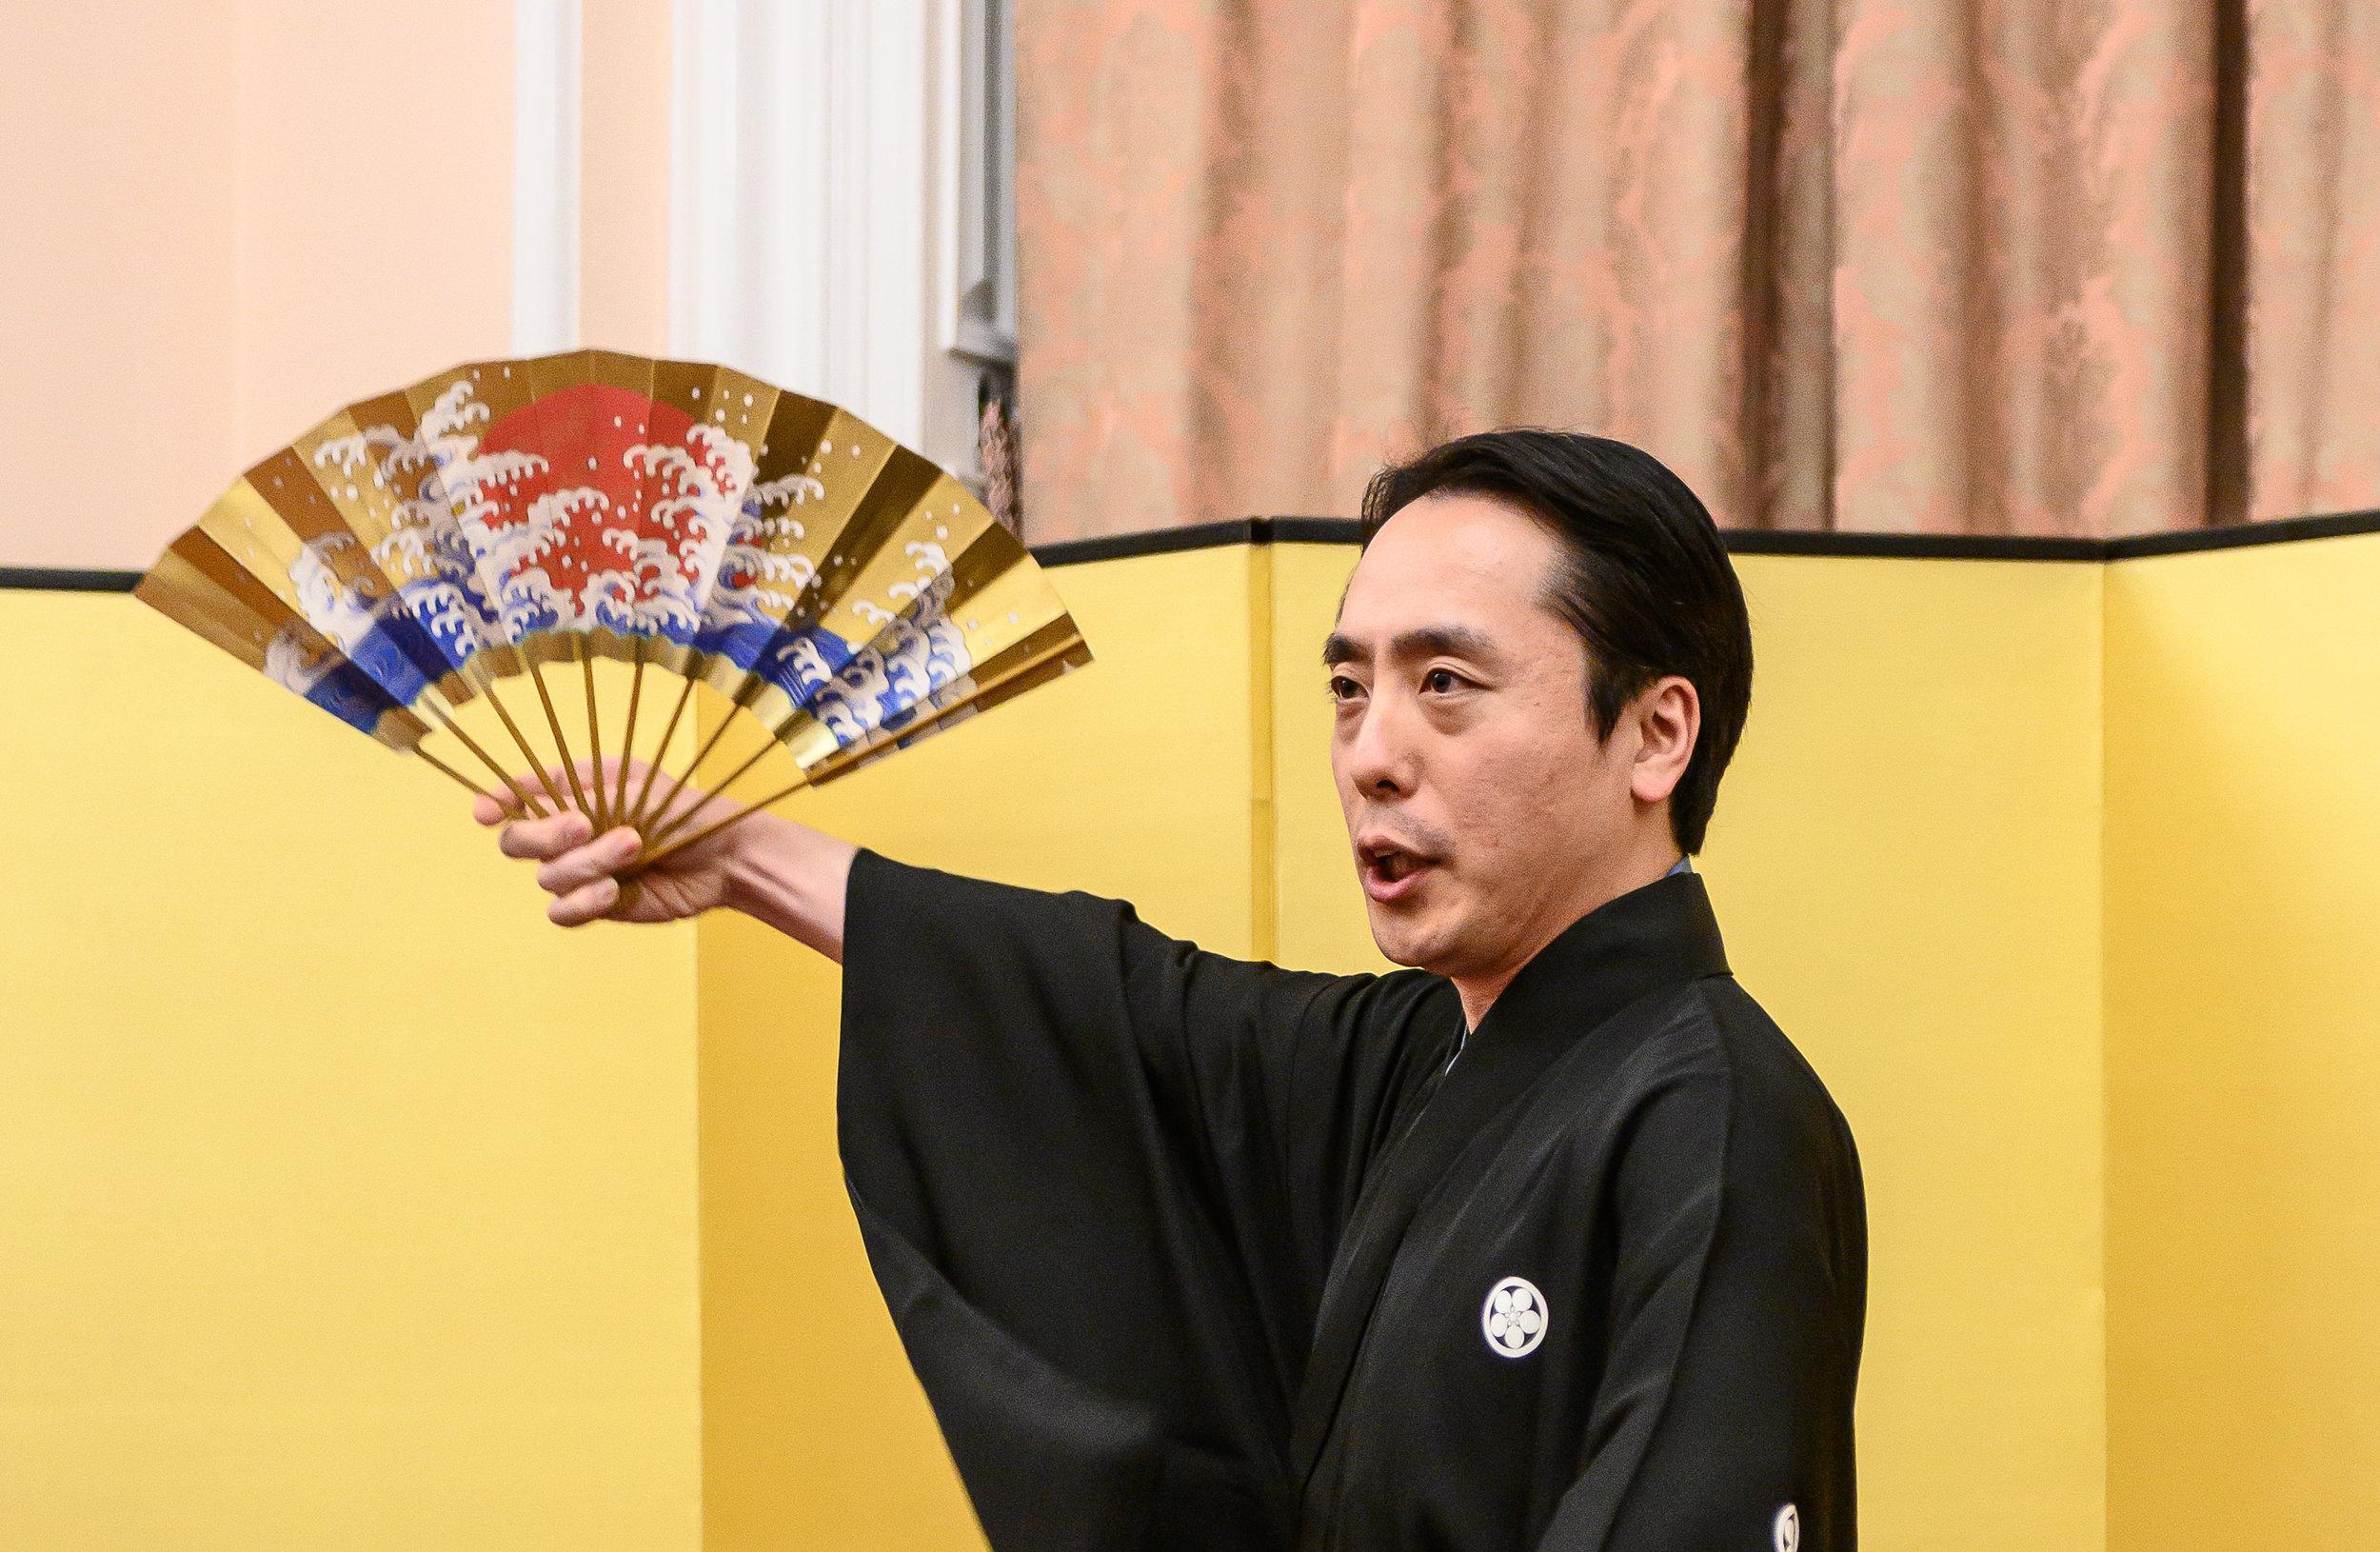 Teruhisa Oshima dances a short dance